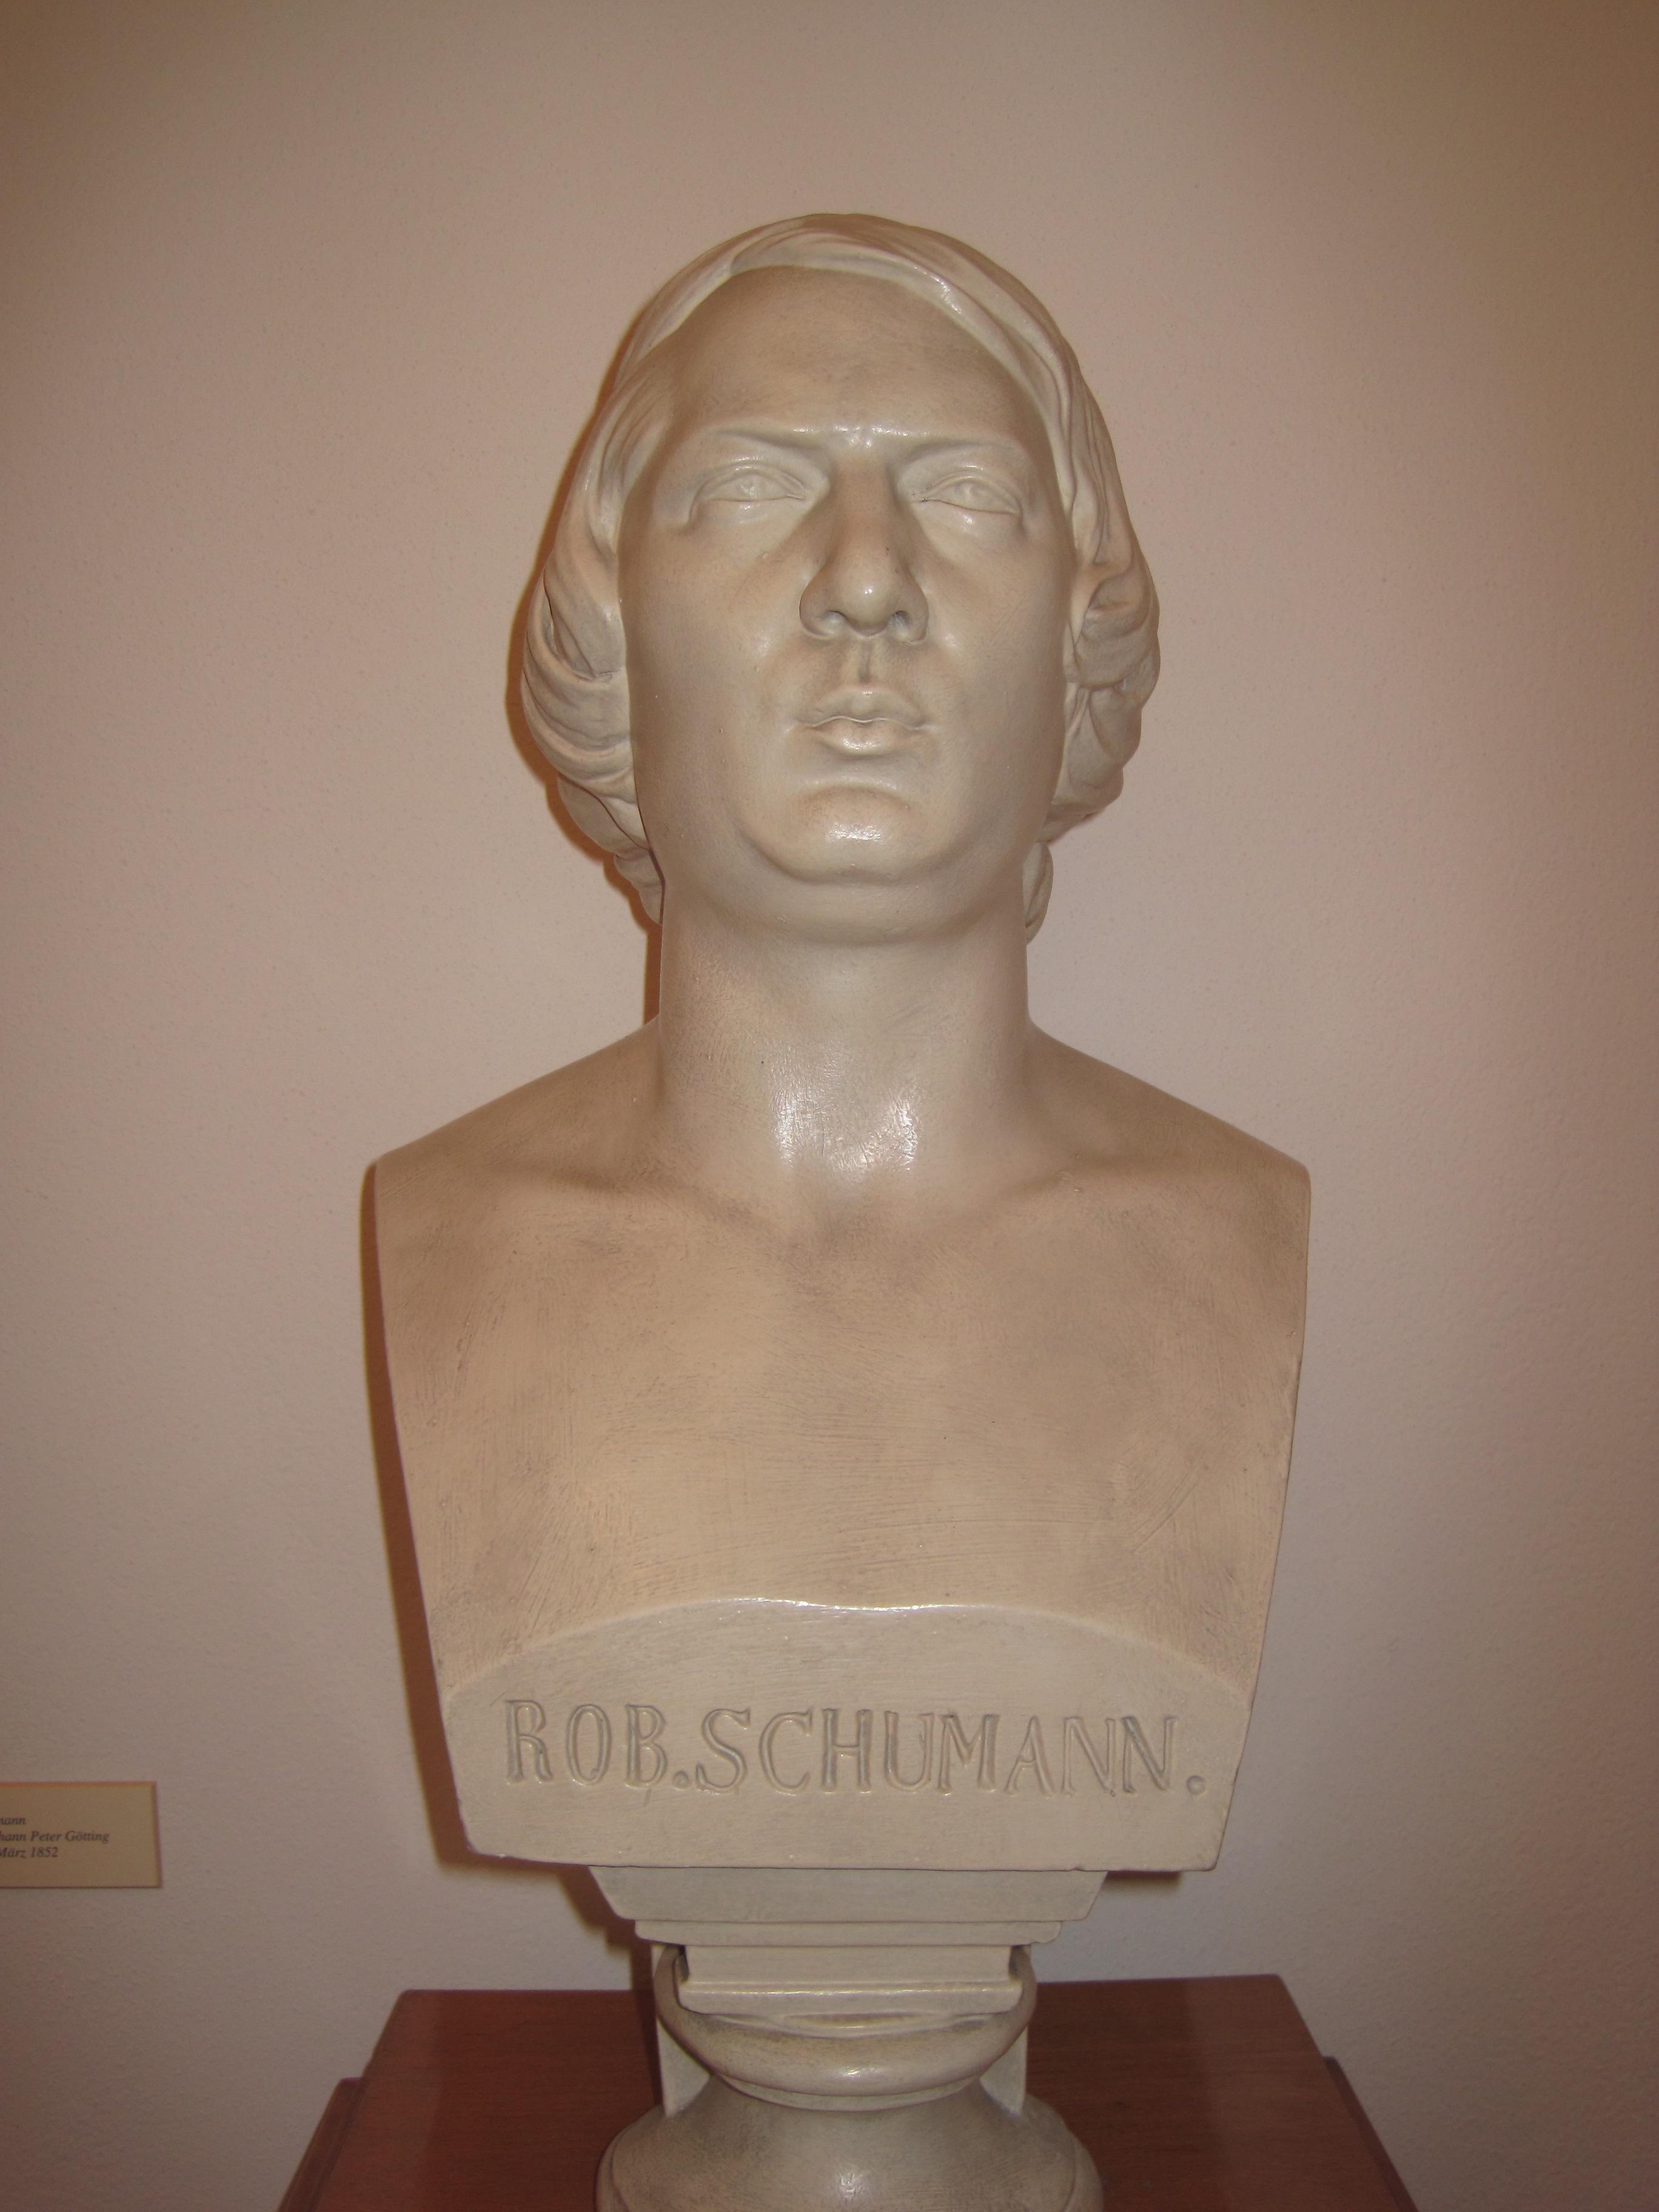 Escultura de Robert Schumann.